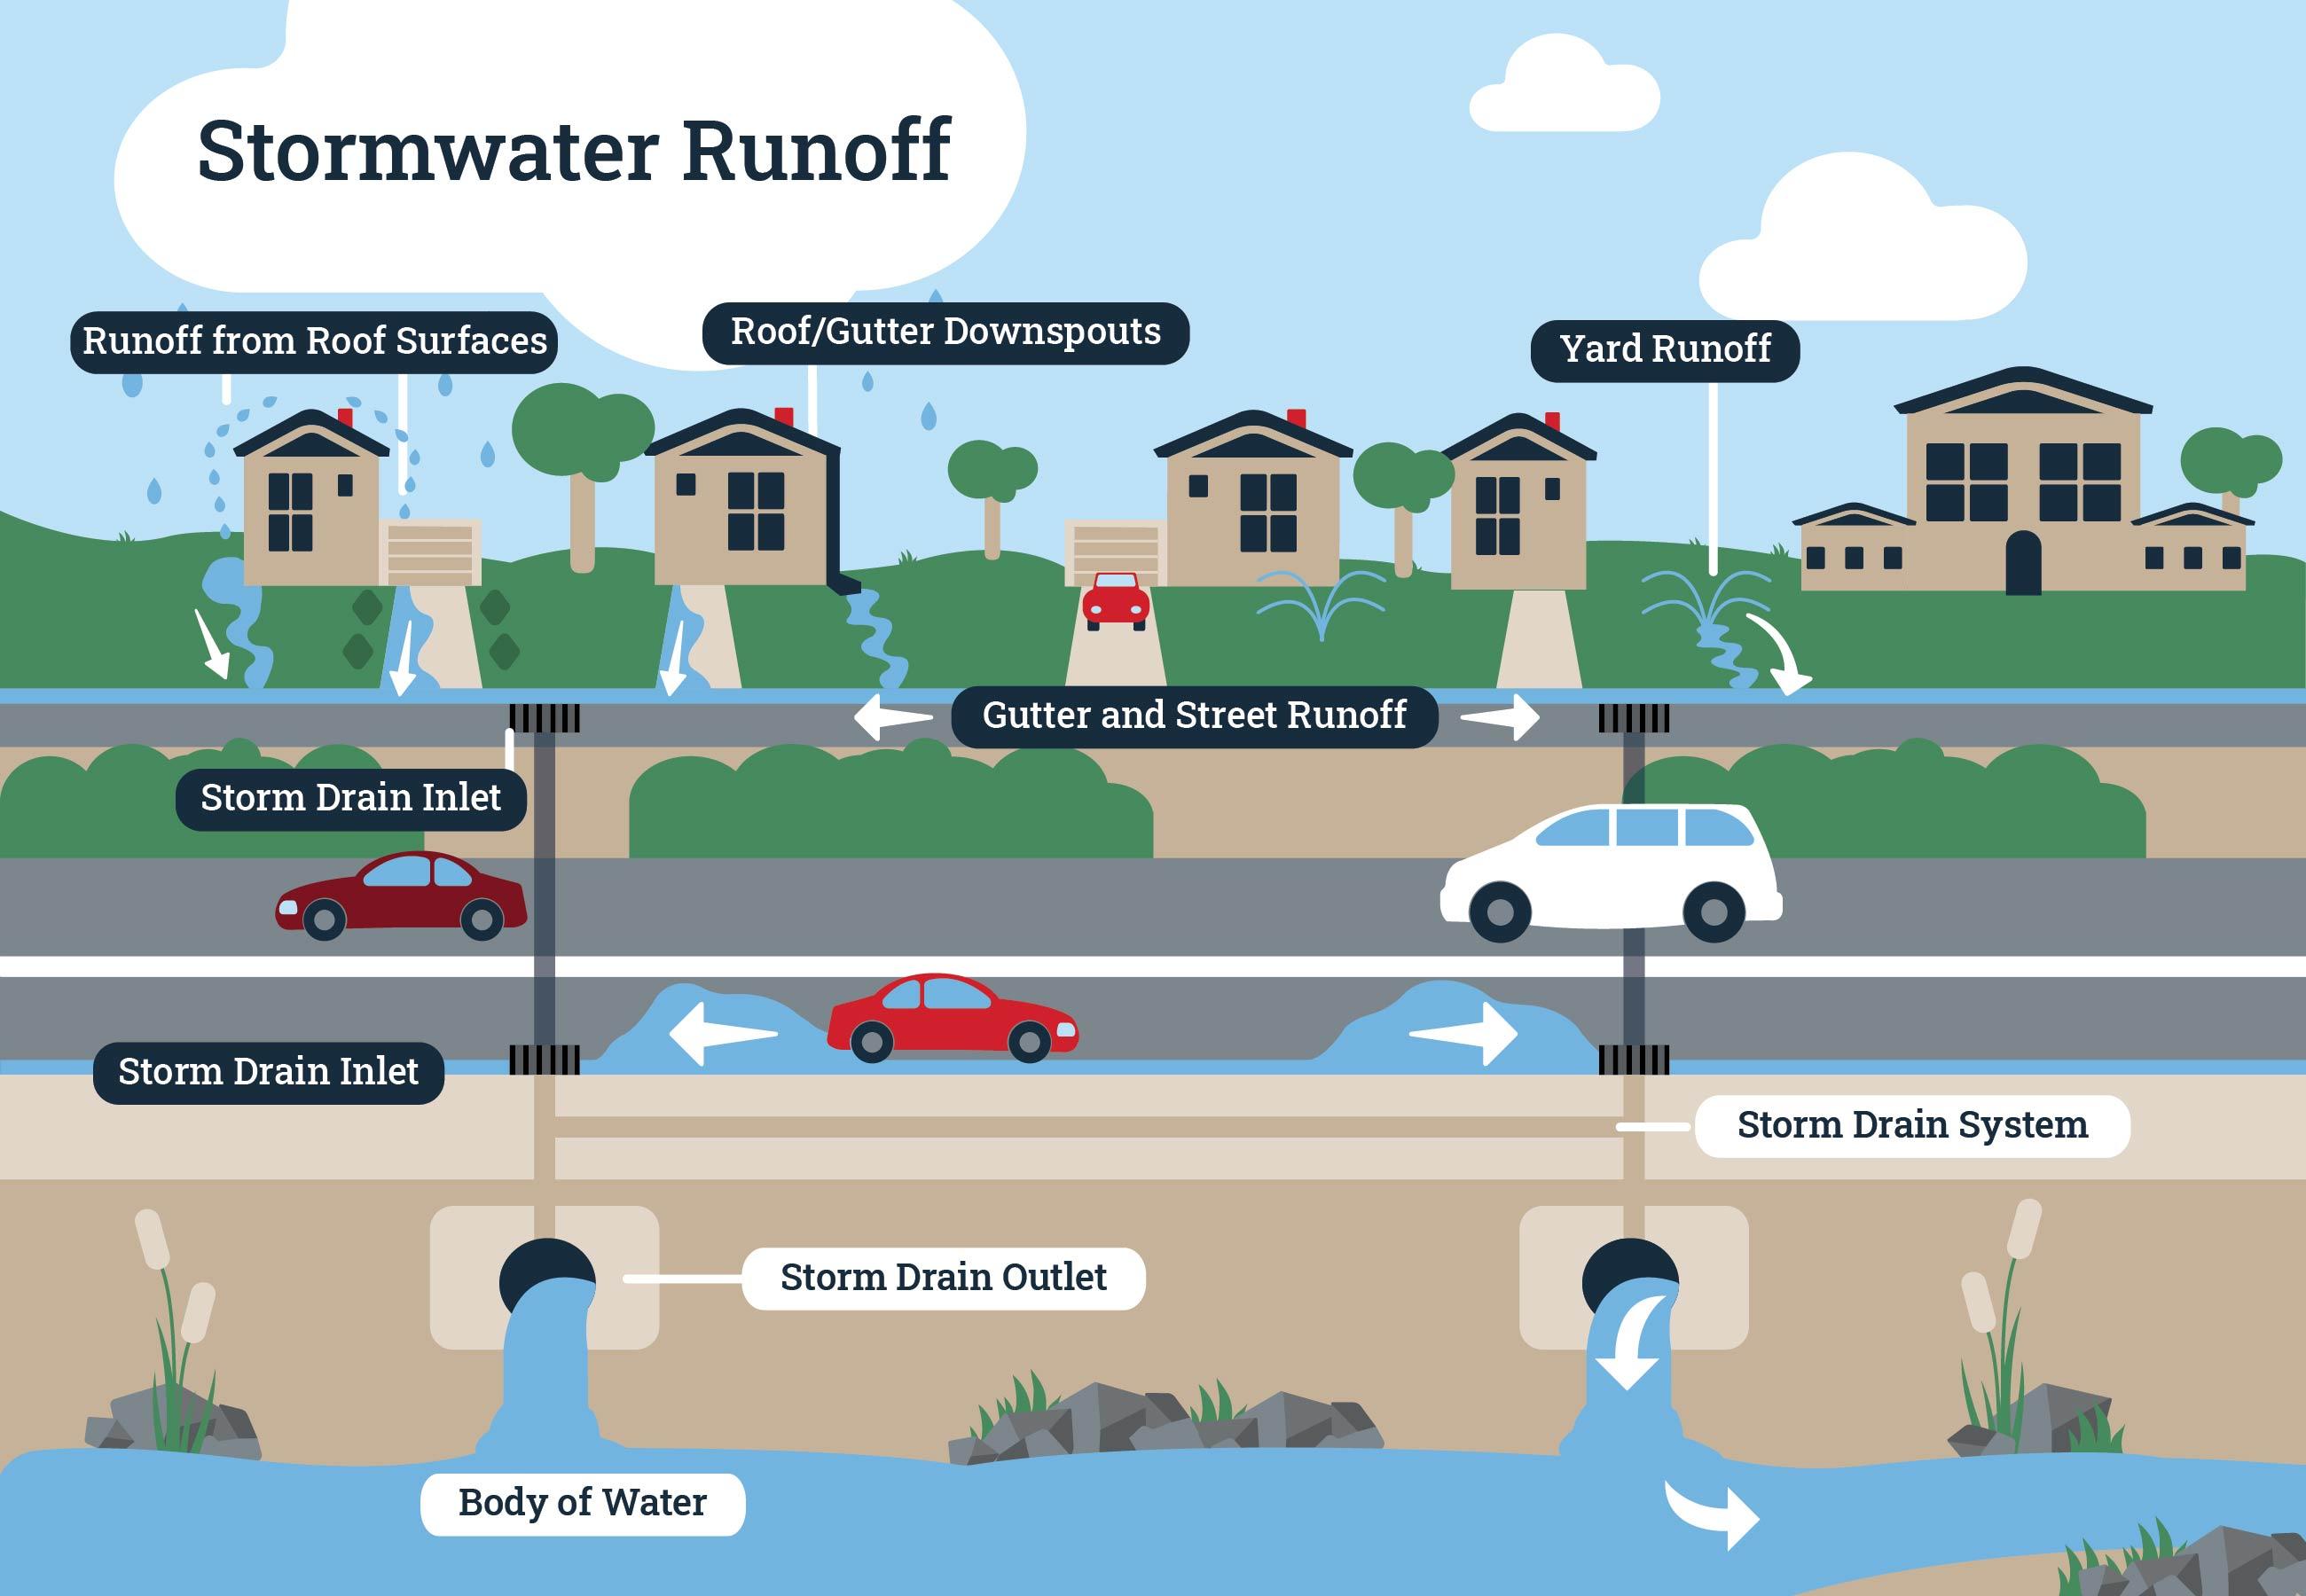 StormWater-RunOff-Infographic-Drainage